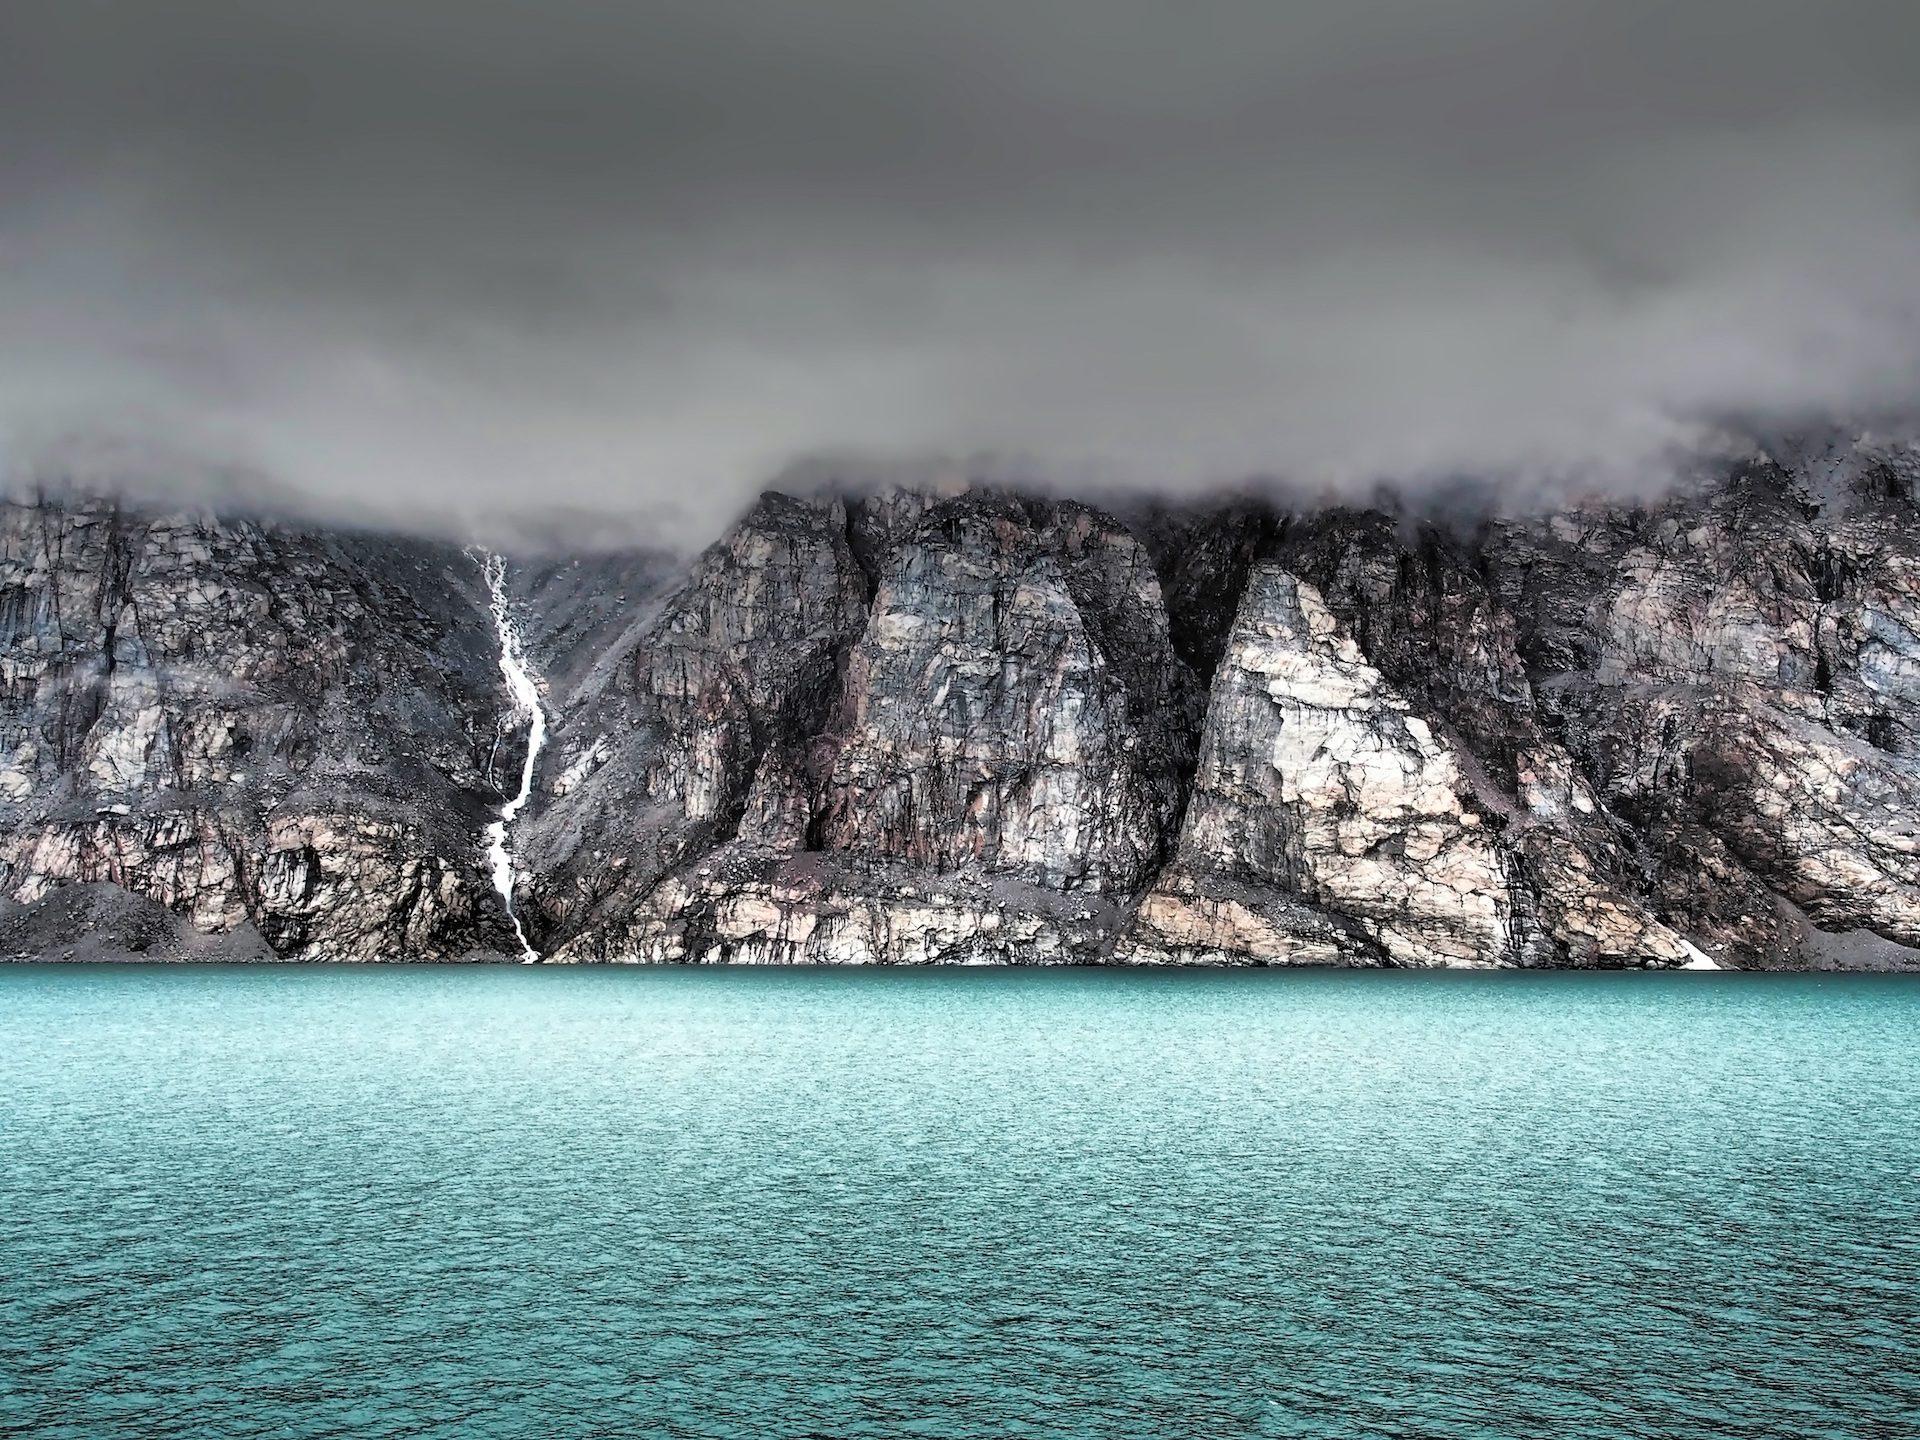 岛屿, Montañas, 水, 水晶, 巴芬湾, 加拿大 - 高清壁纸 - 教授-falken.com